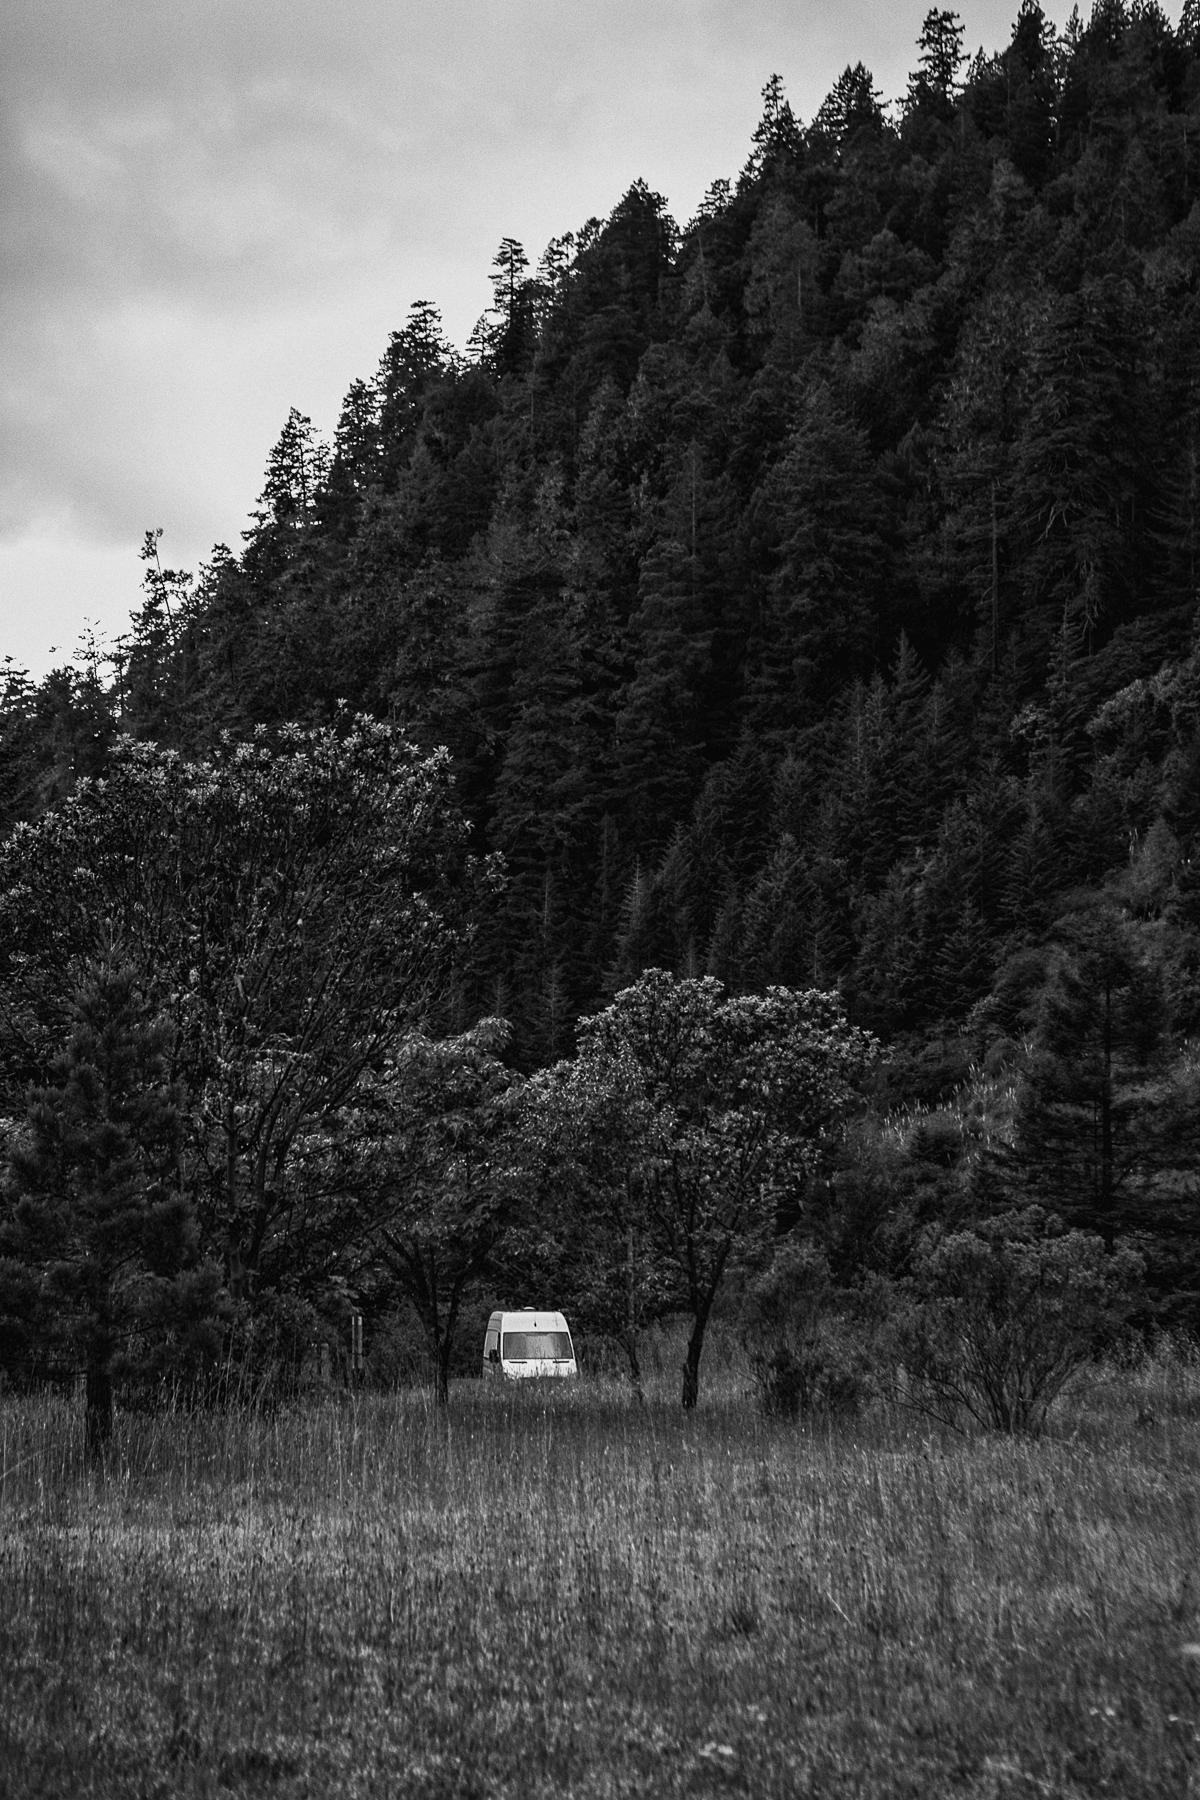 Sneaky little van